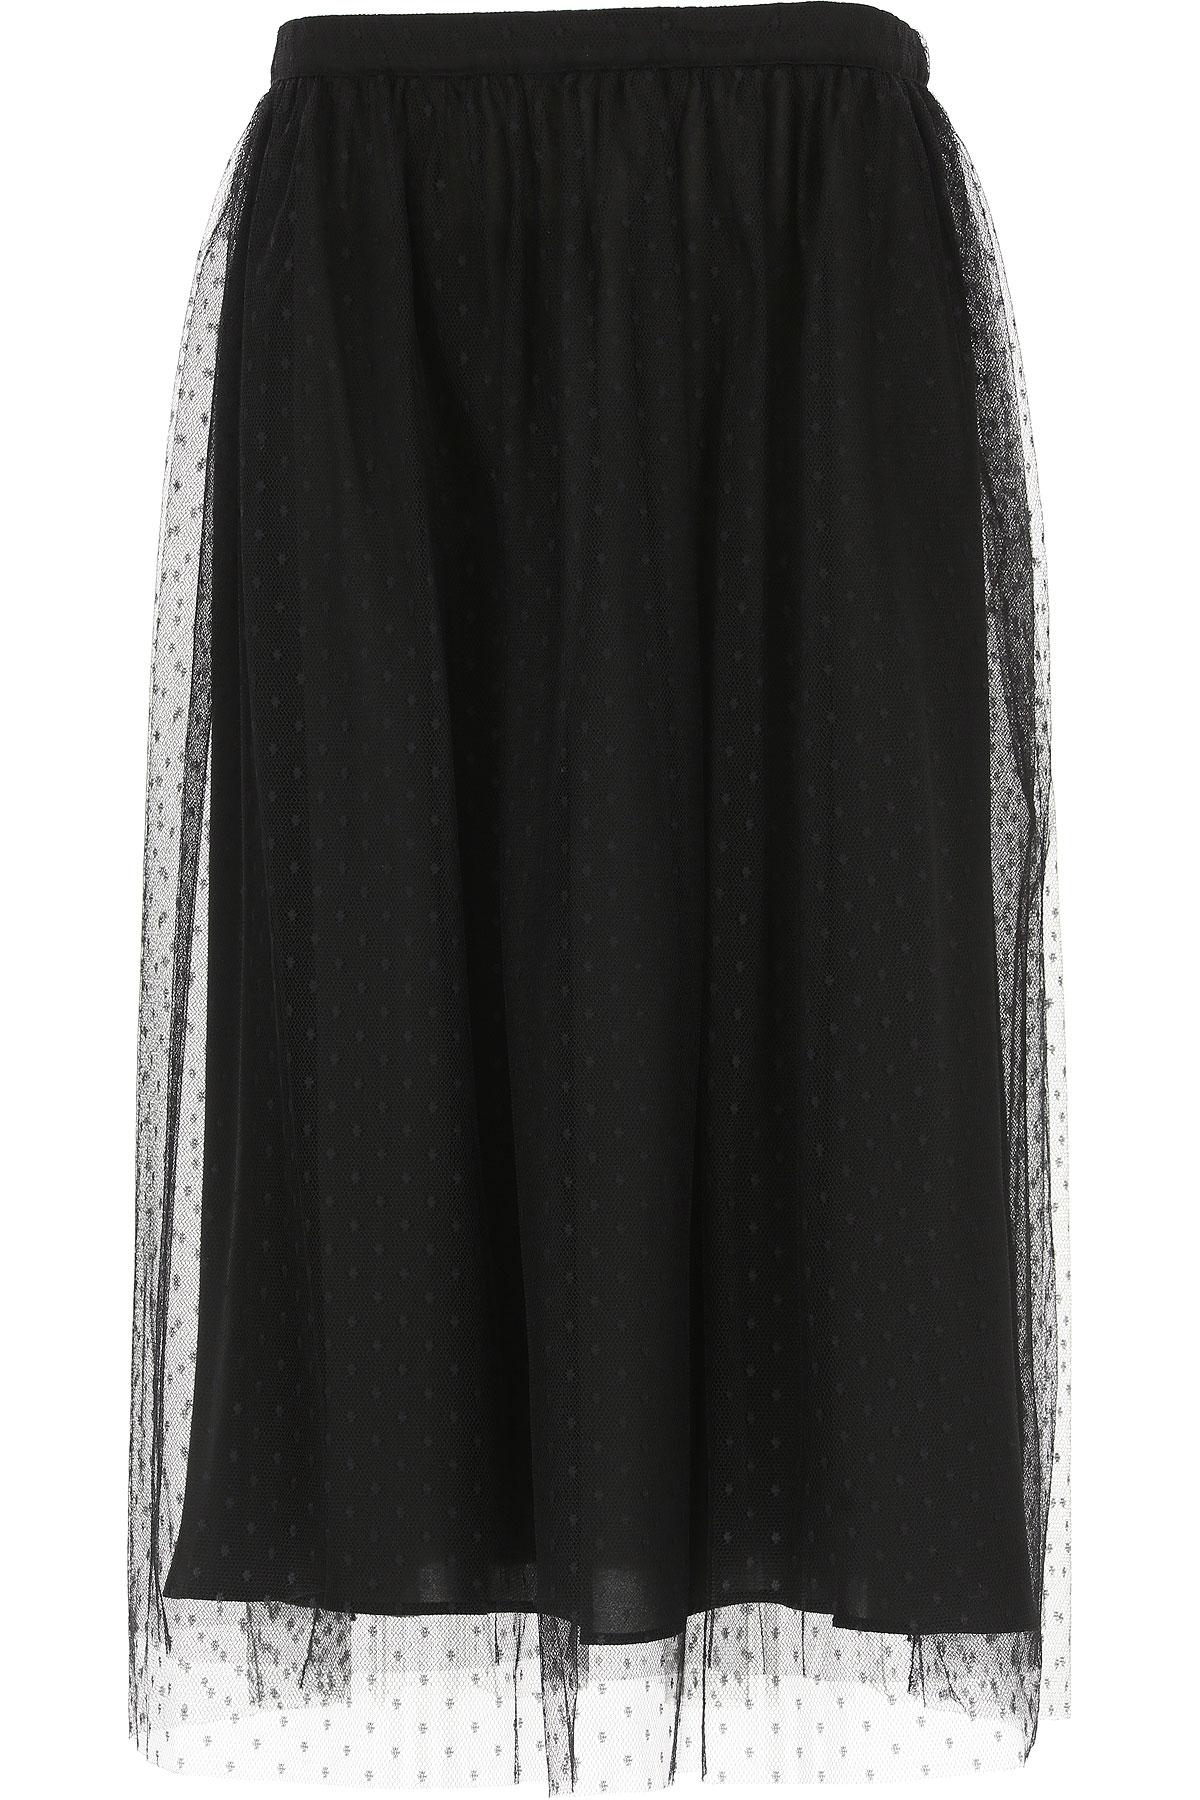 Image of Blugirl Skirt for Women, Black, polyamide, 2017, 26 28